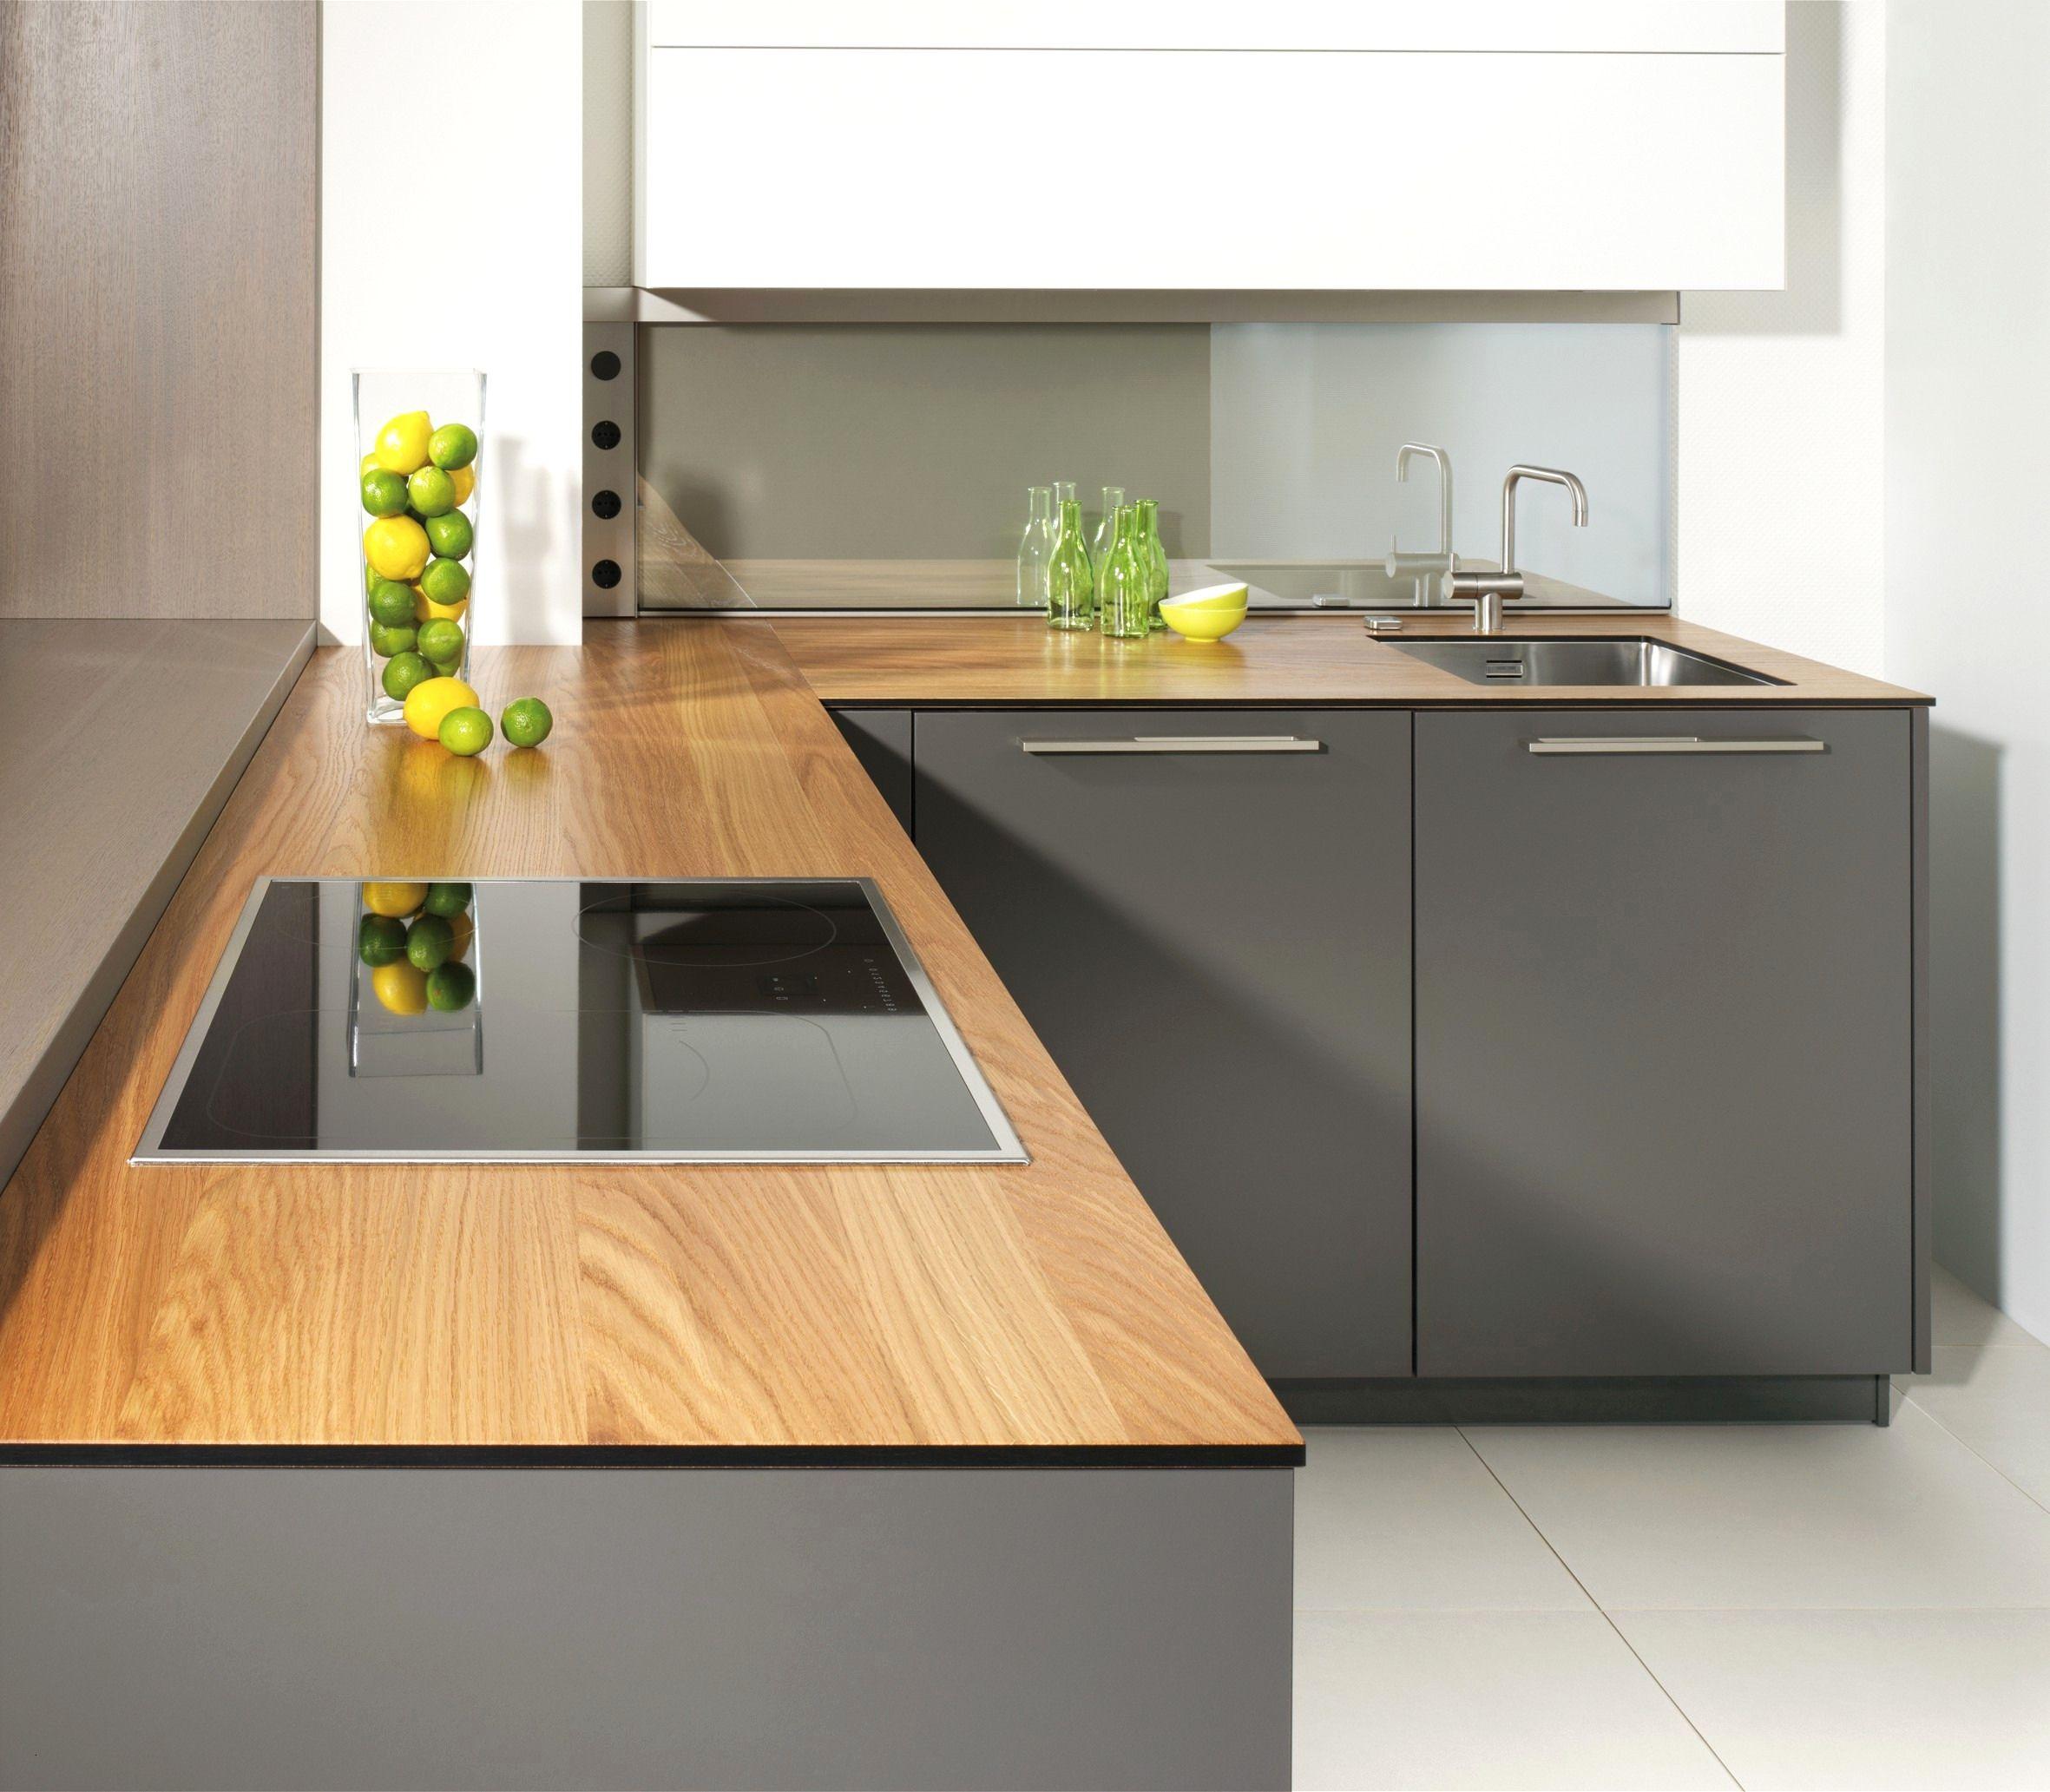 L Kuche Mit Insel Das Beste Von Kleine Kuche U Form Grossartig Gross Kuche L Form Mit Insel K C3 Bcche Kitchen Remodel Kitchen Design Kitchen Interior